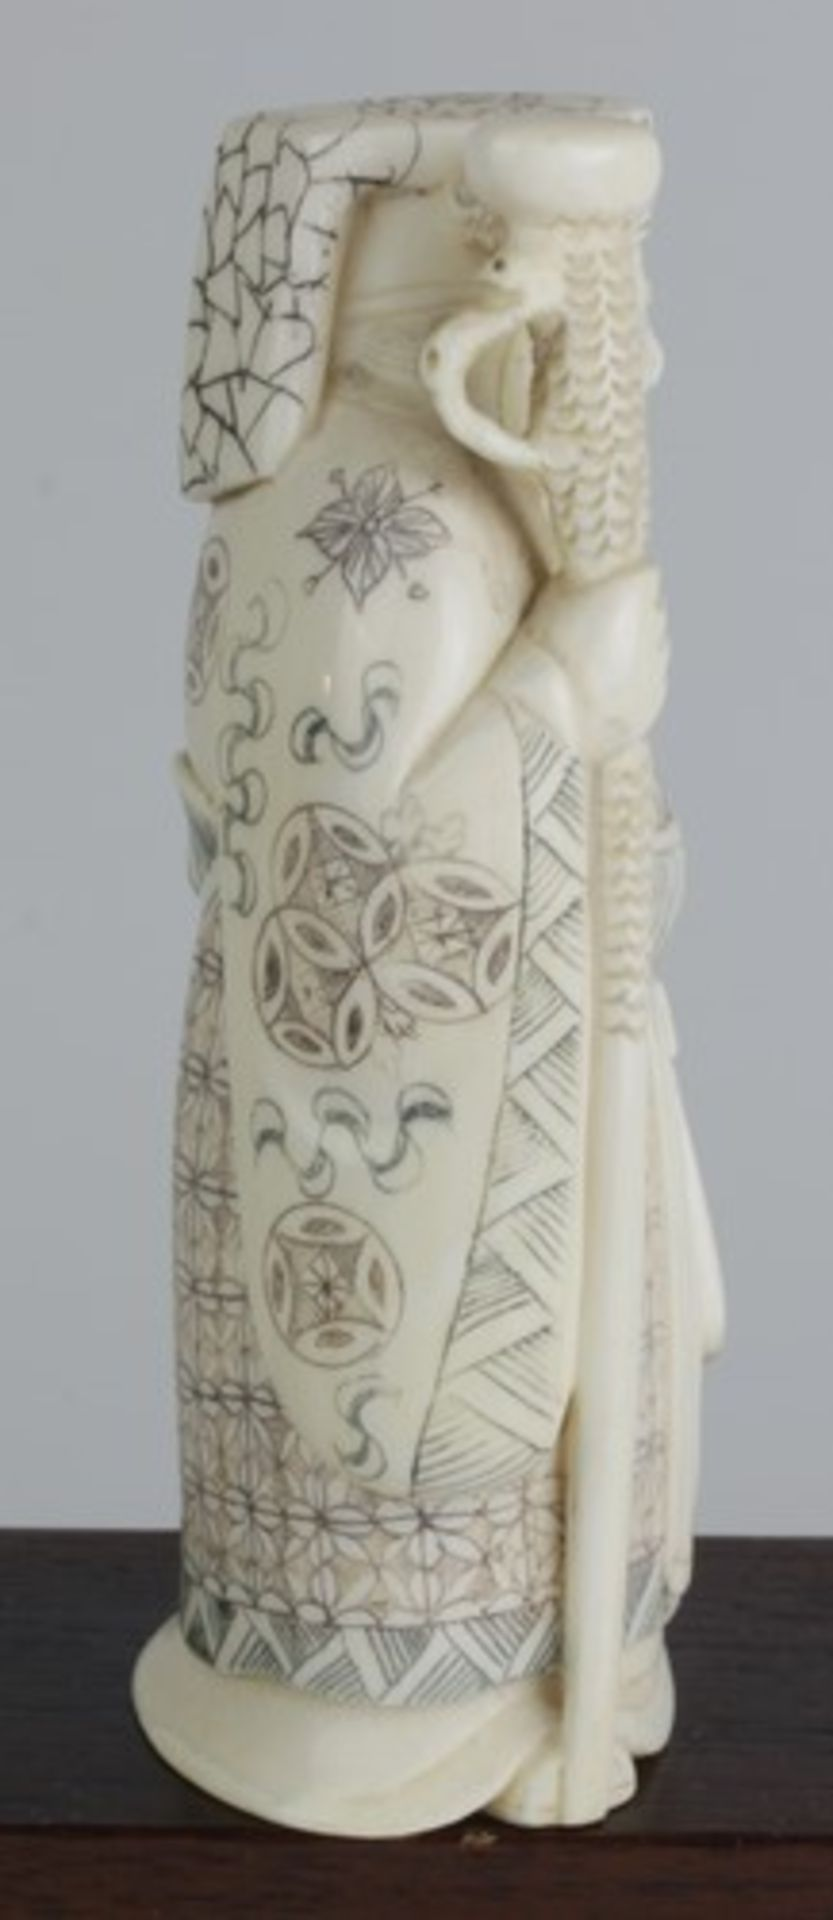 Figurengruppe - Chinaum 1920, 7x vollplastische Elfenbein-Schnitzereien, partiell geschwärzt, - Bild 22 aus 24